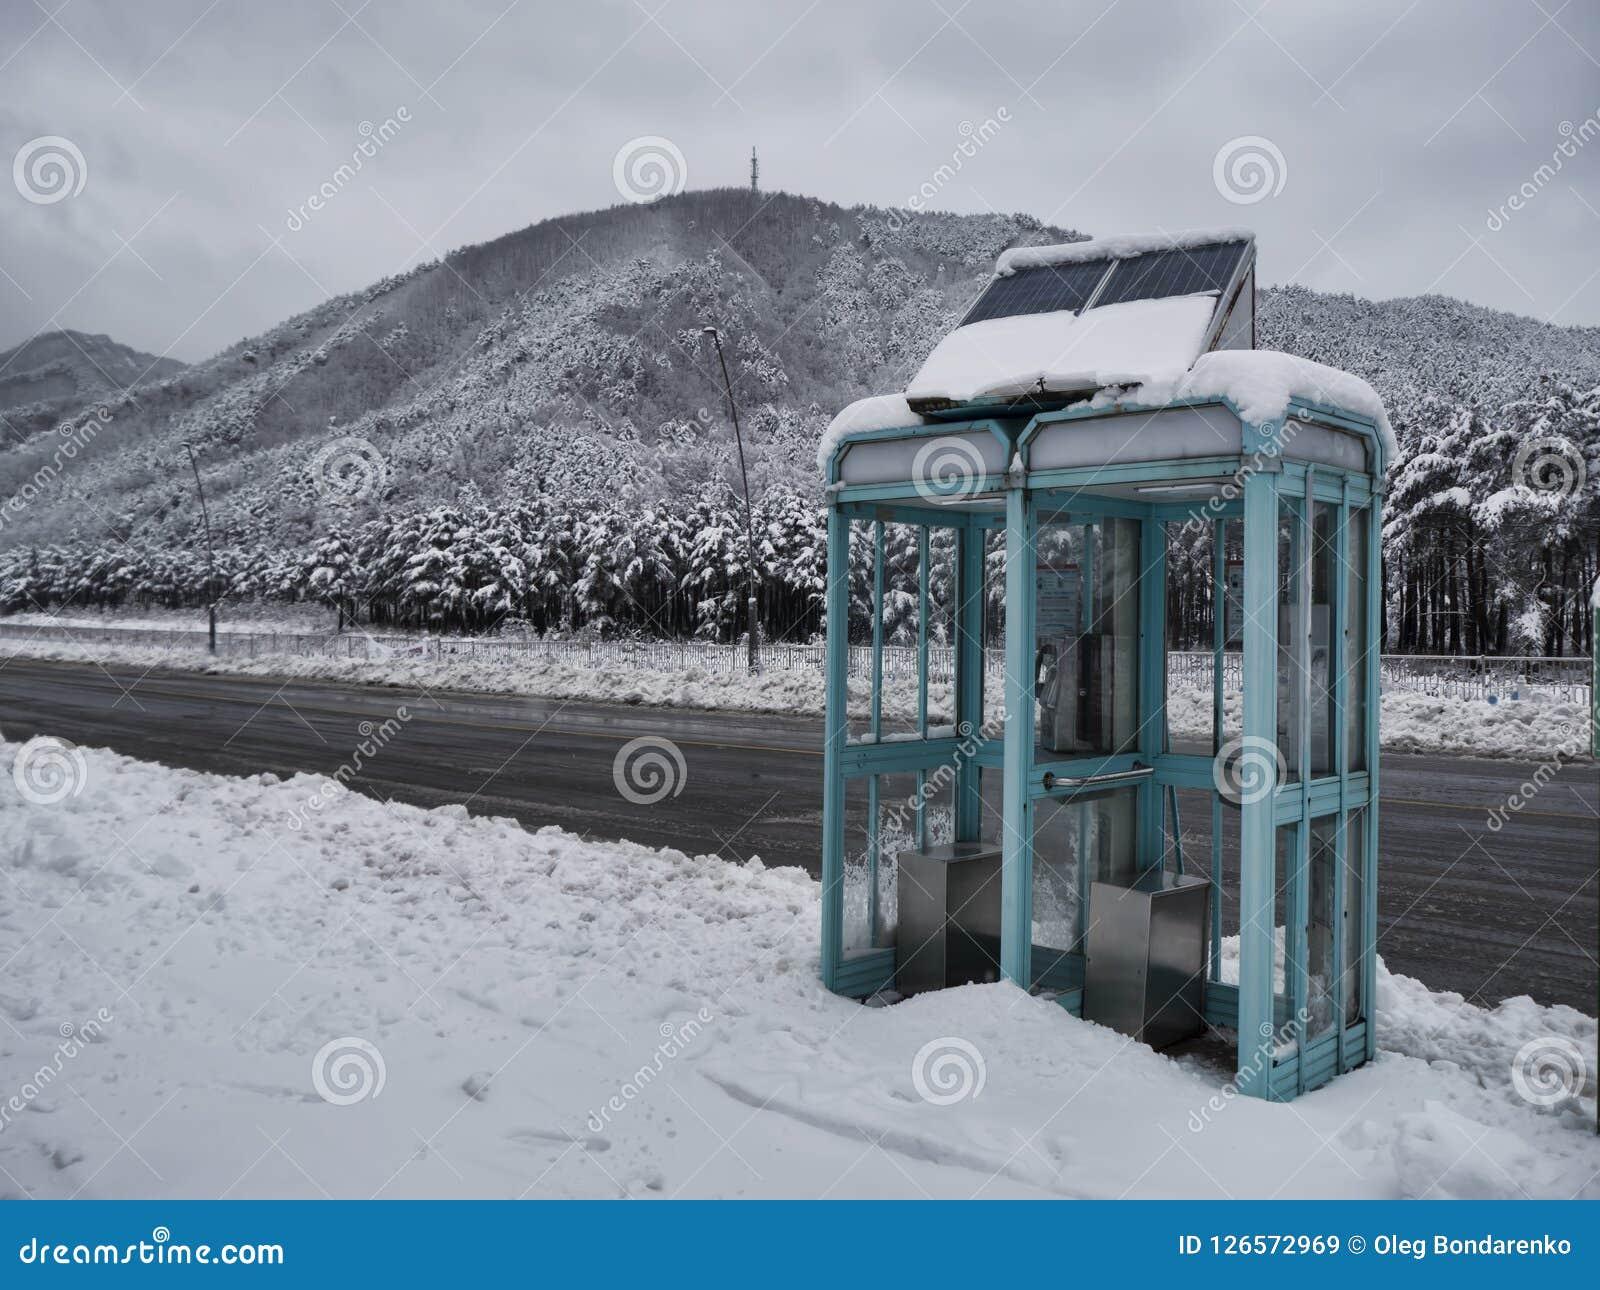 Τηλεφωνικός θάλαμος σε έναν χιονισμένο δρόμο βουνών